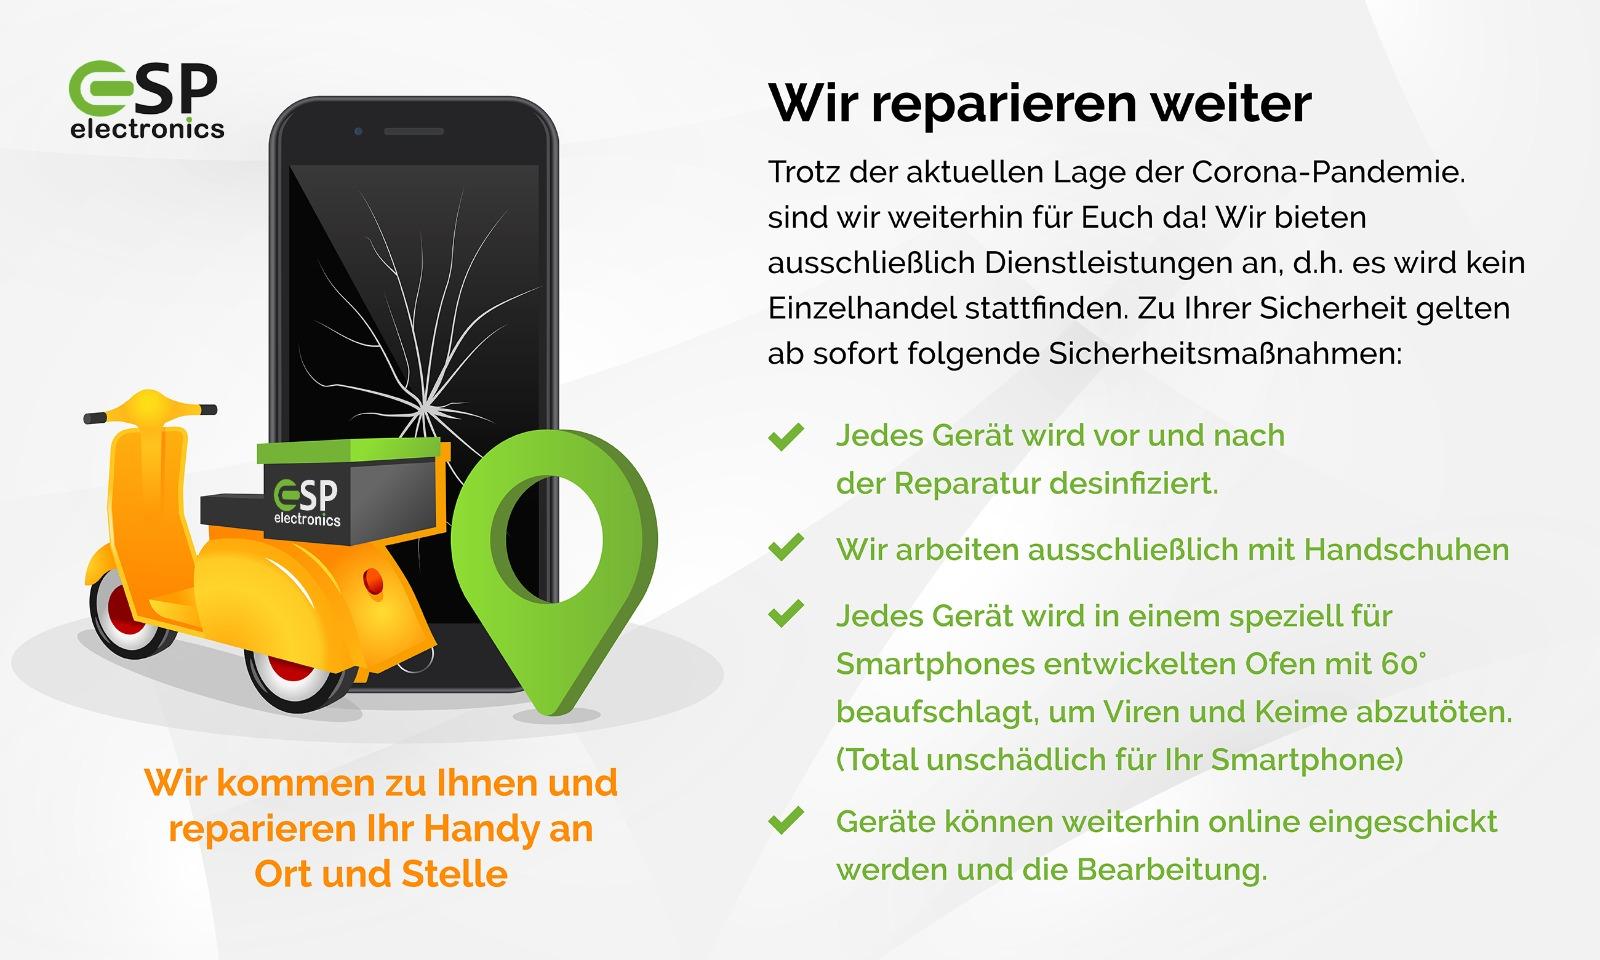 Wir-reparieren-weiter-Handy-Reparatur-München